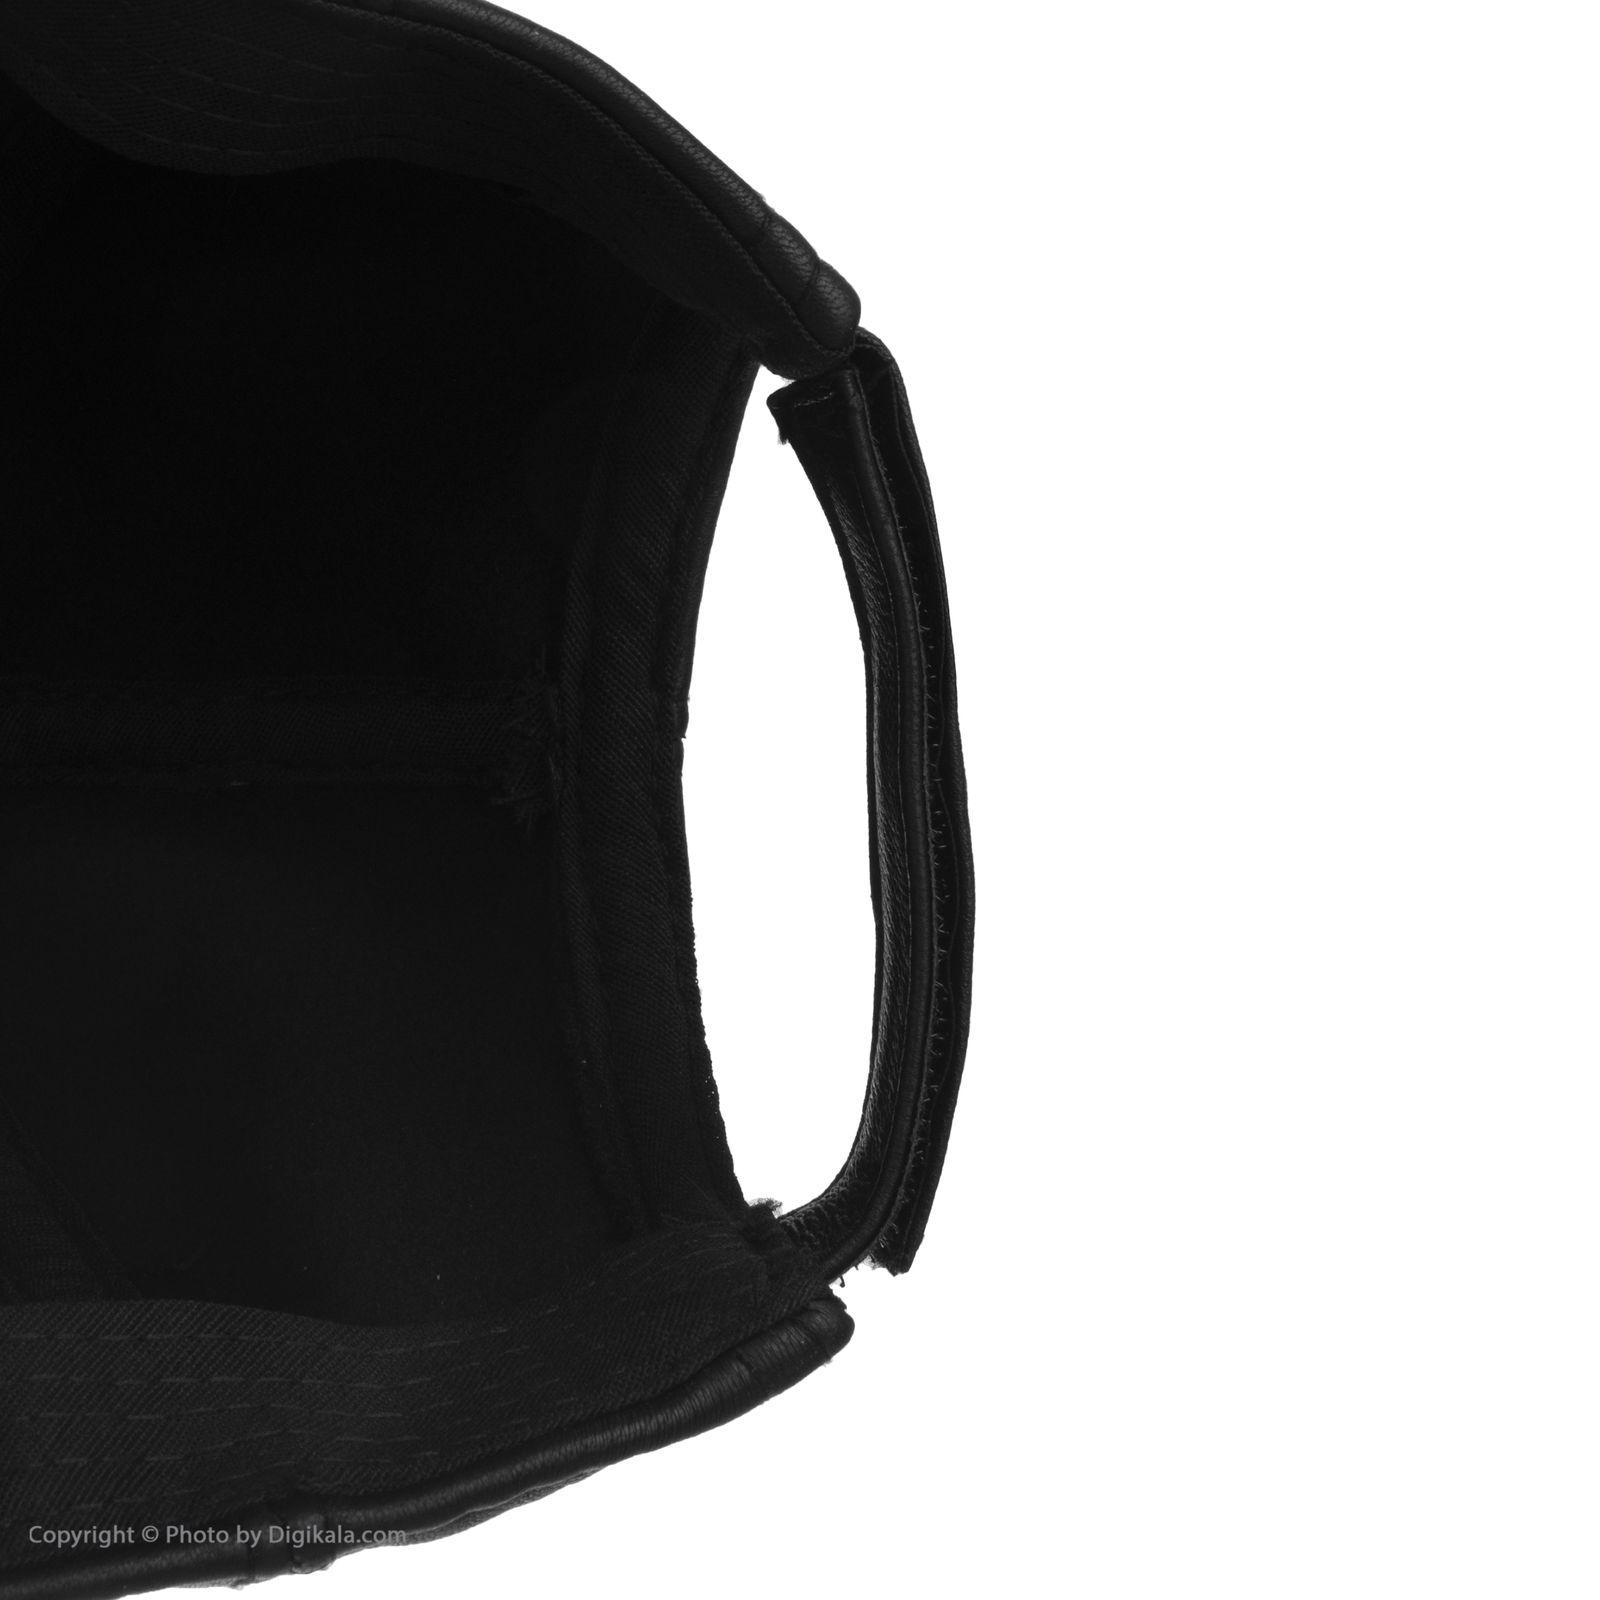 کلاه شیفر مدل 8701A01 - مشکی - 3